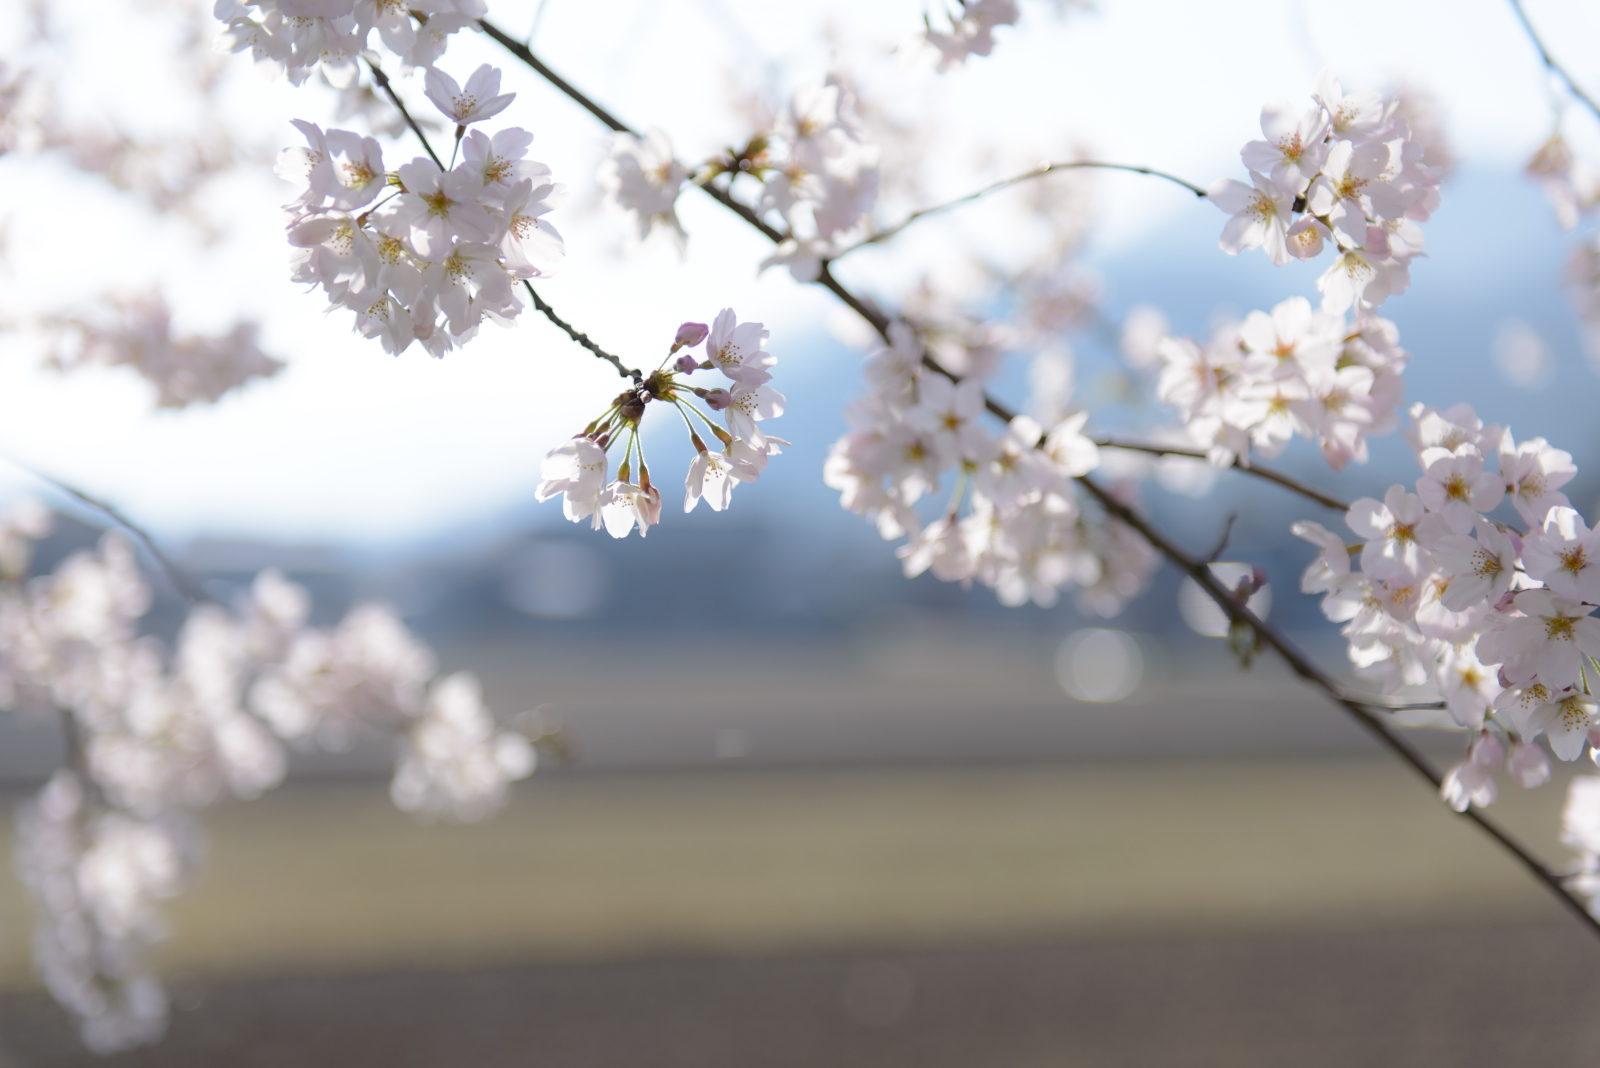 Sakura blossoms*